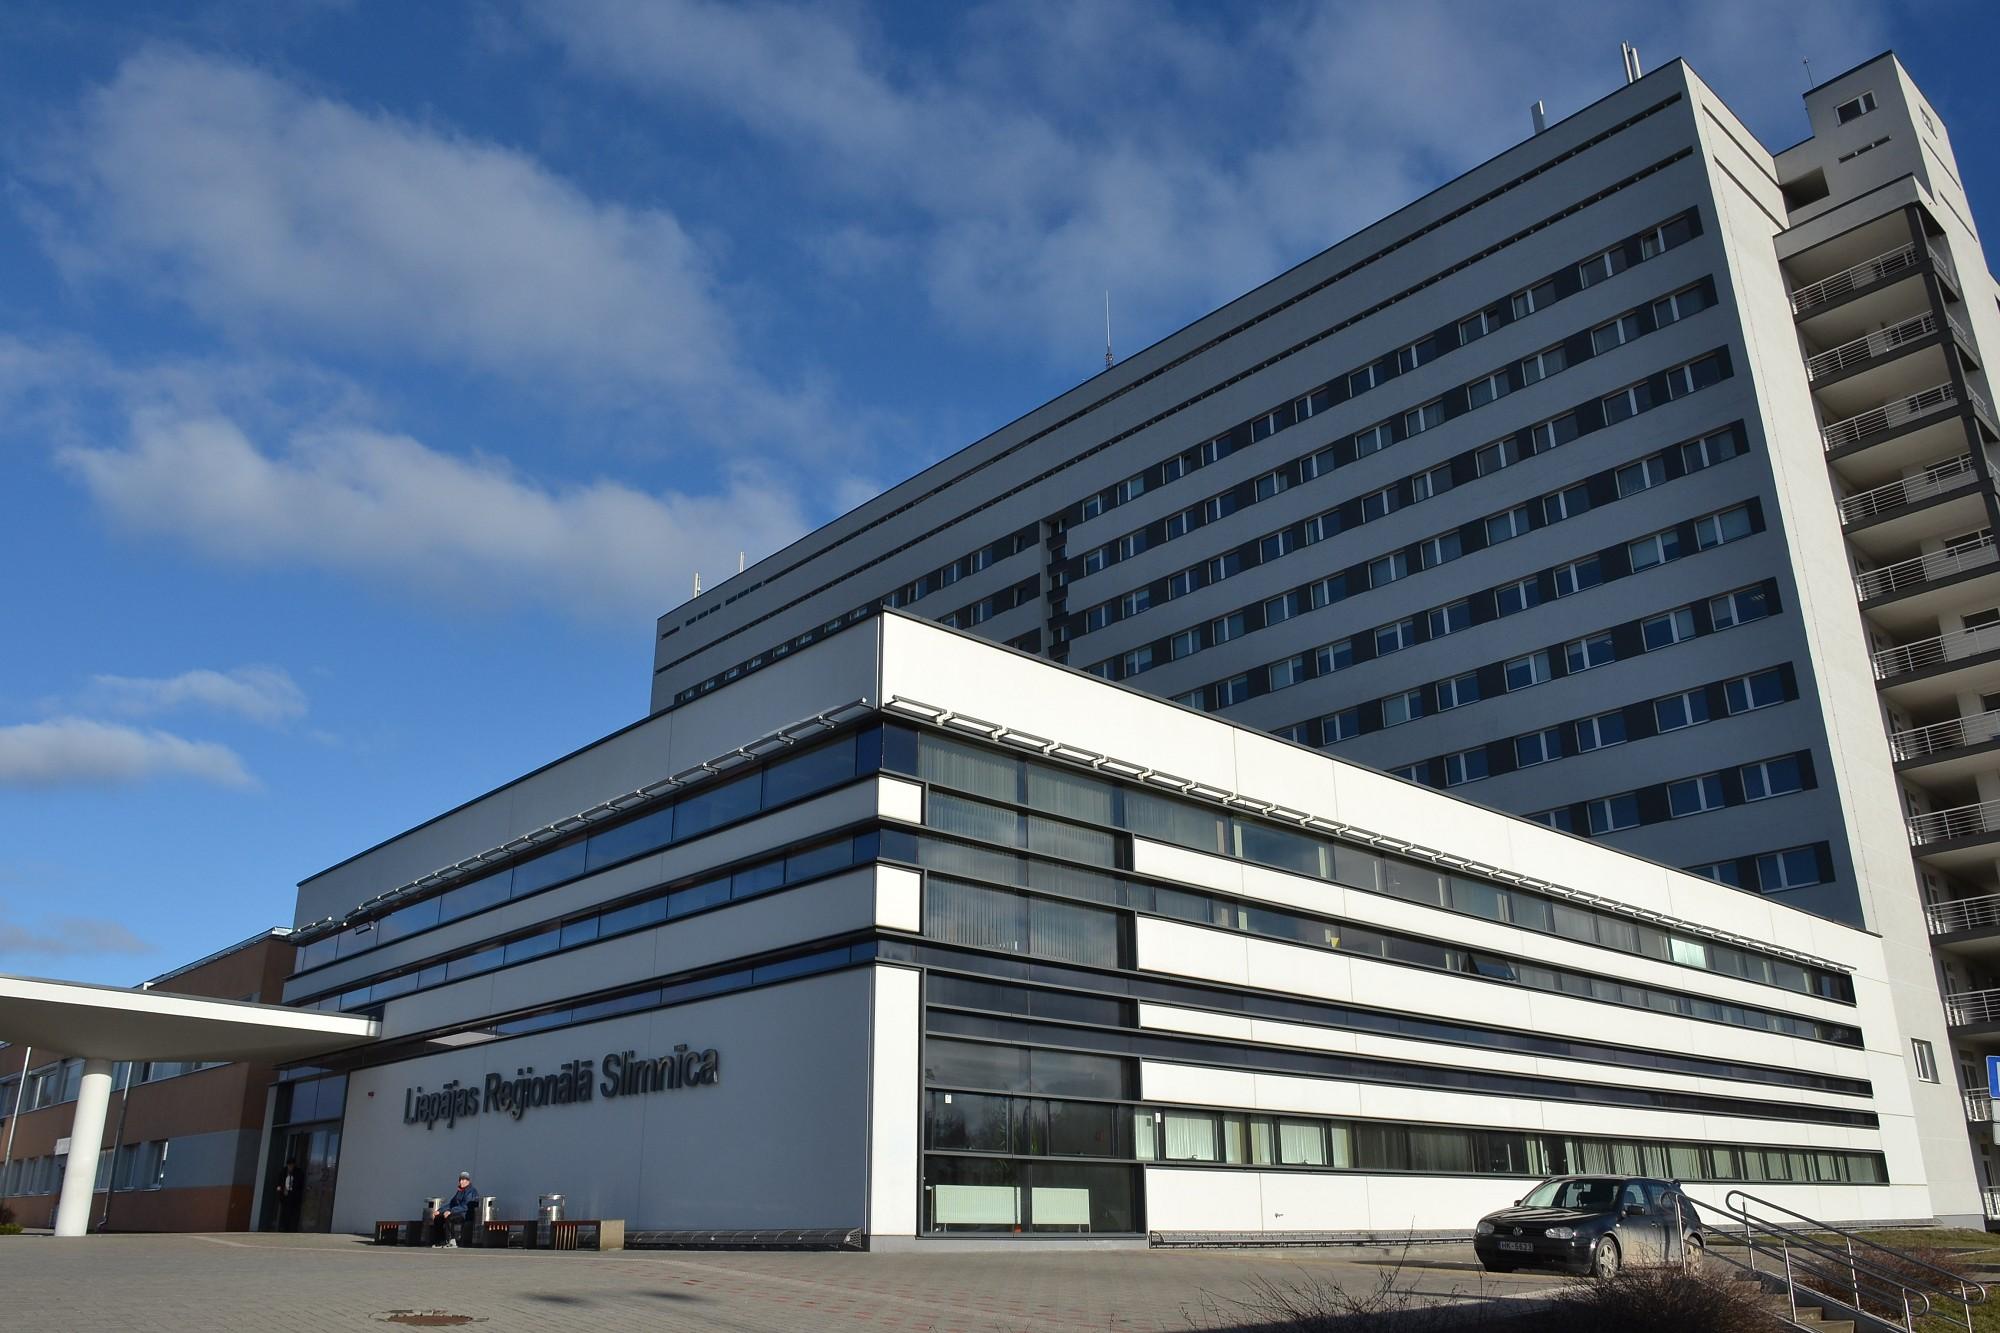 Slimnīcā nogādā liepājnieku ar koronavīrusa pazīmēm. Saslimšana neapstiprinās